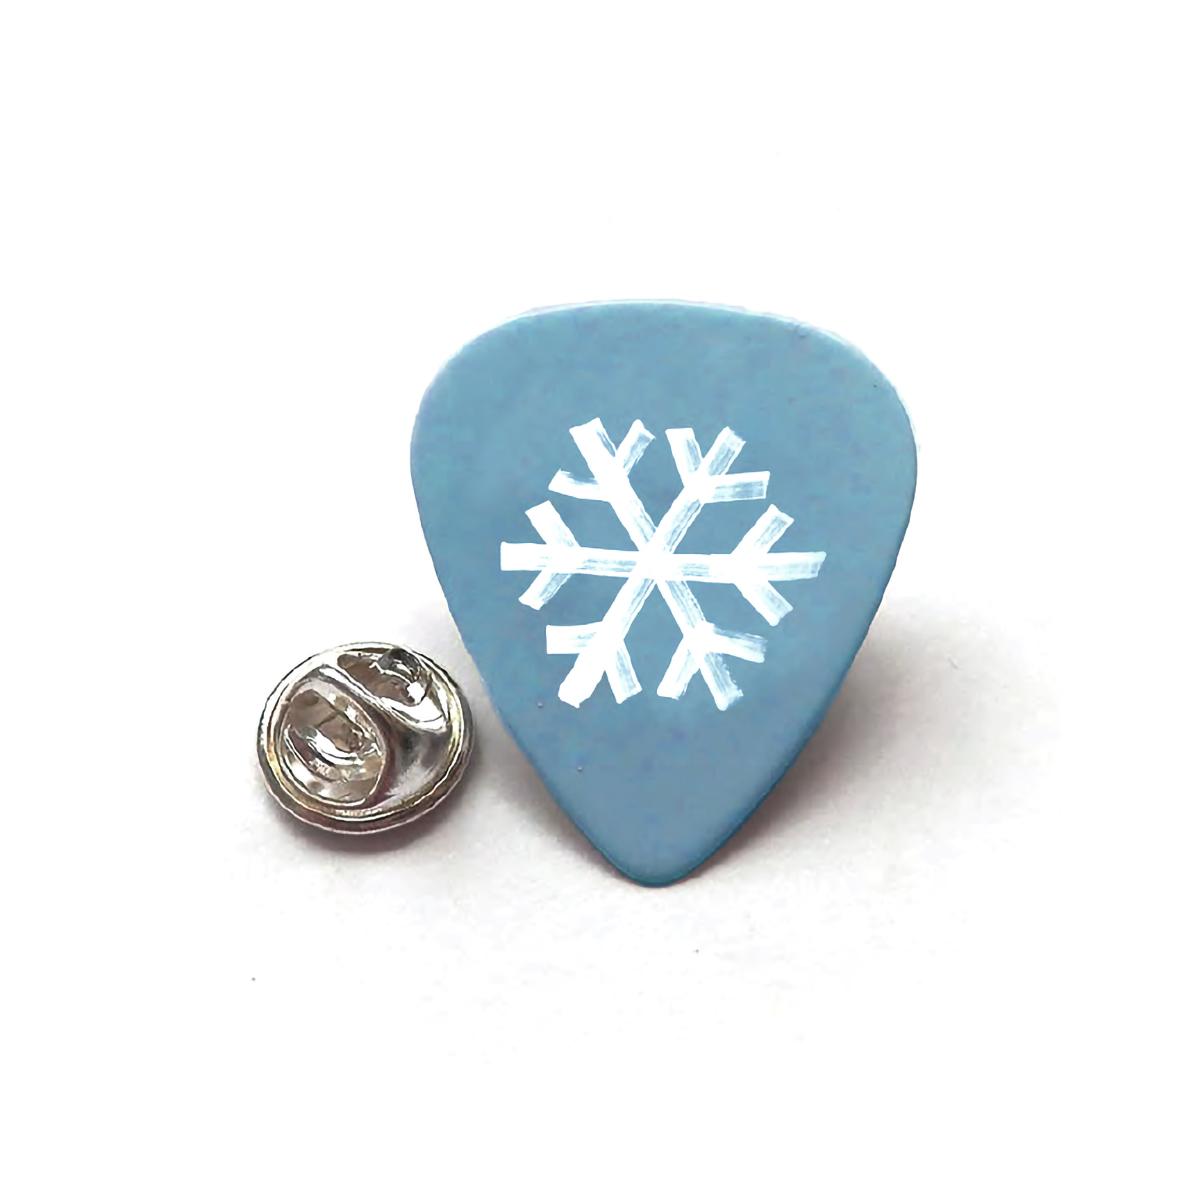 Plectrum Pin - Snow Patrol